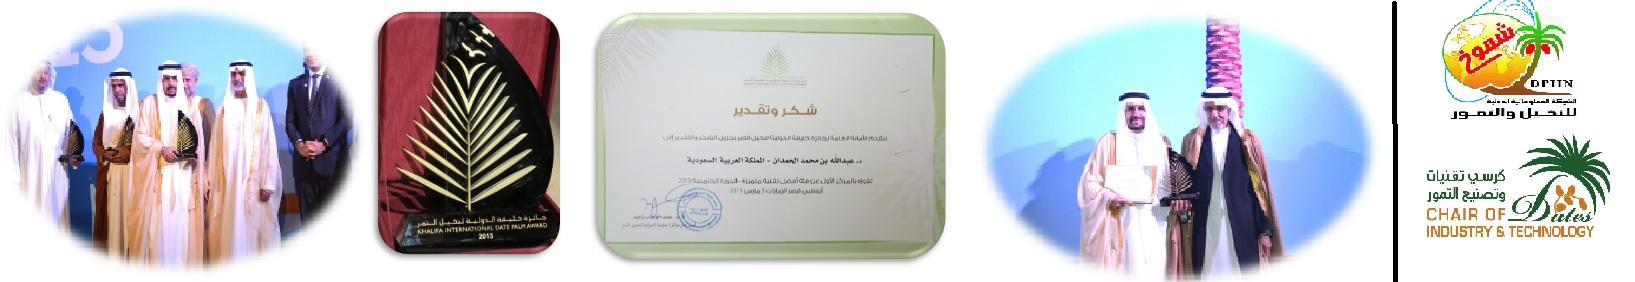 الشبكة المعلوماتية الدولية... - أثناء تسلم الدكتور عبد الله...